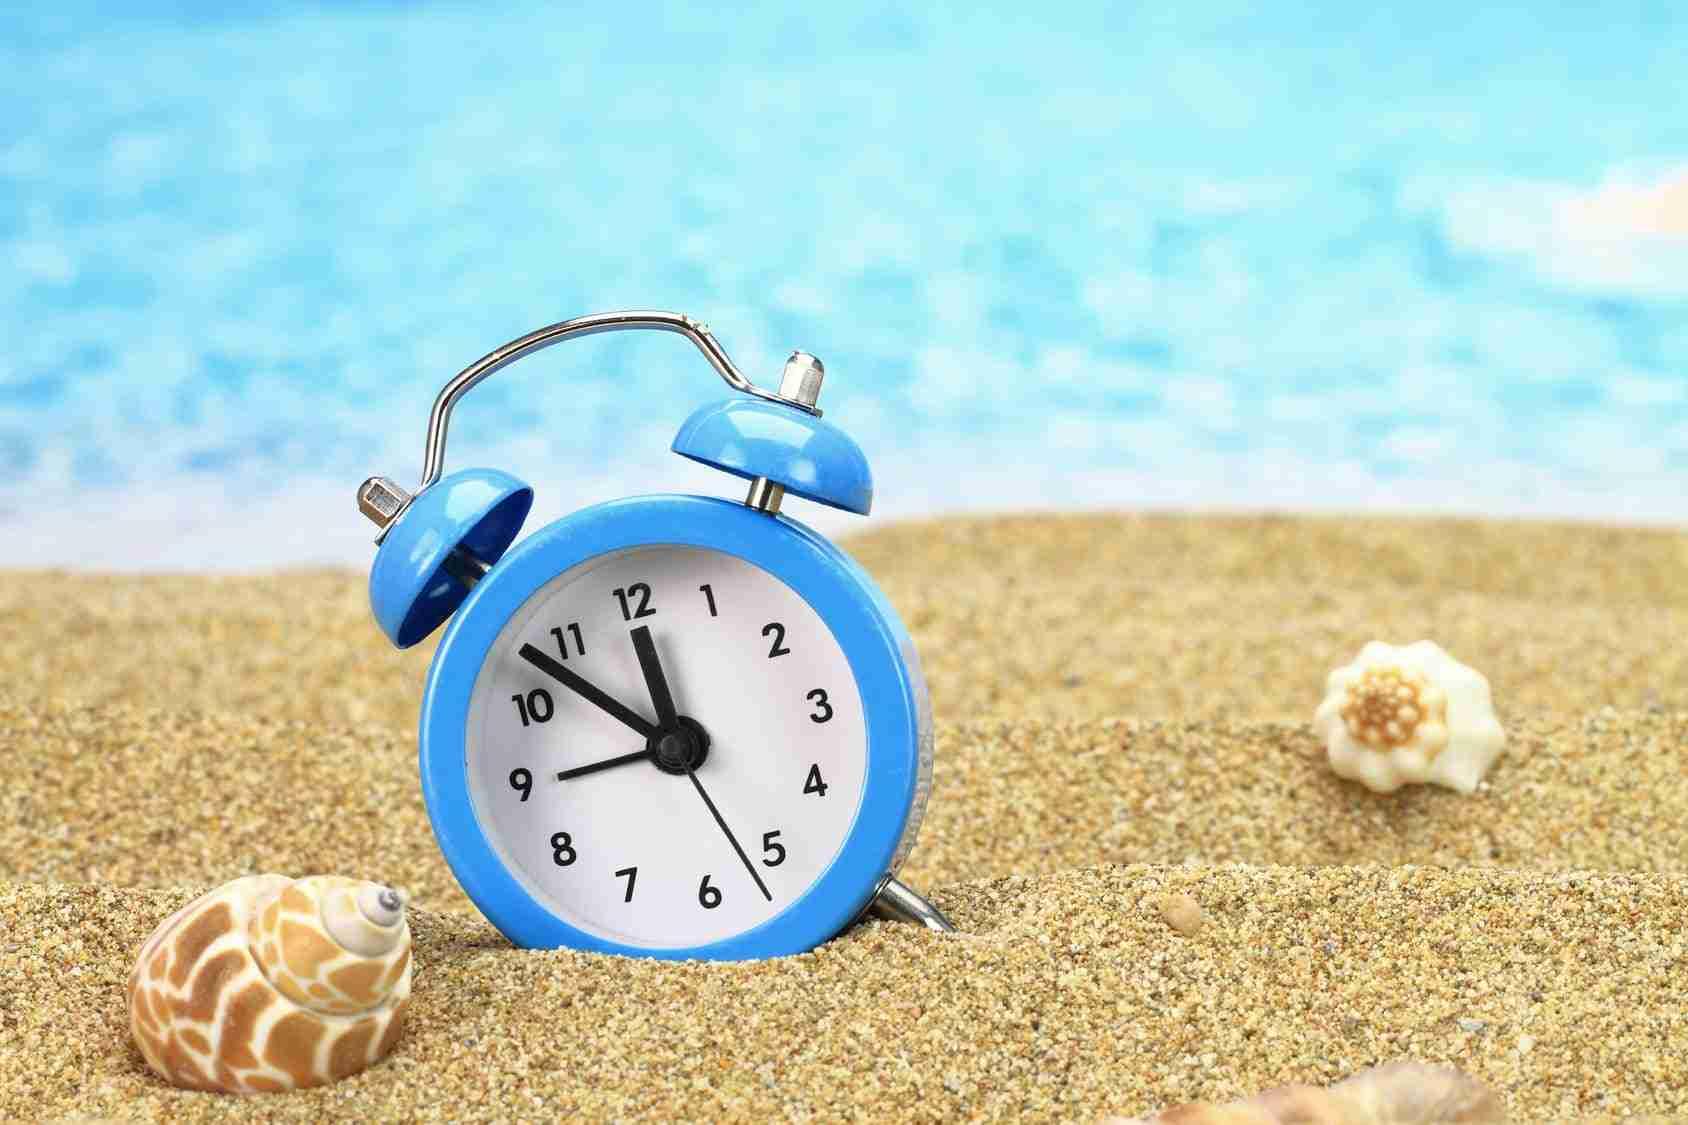 La mayoría de los españoles engordan durante el verano 31